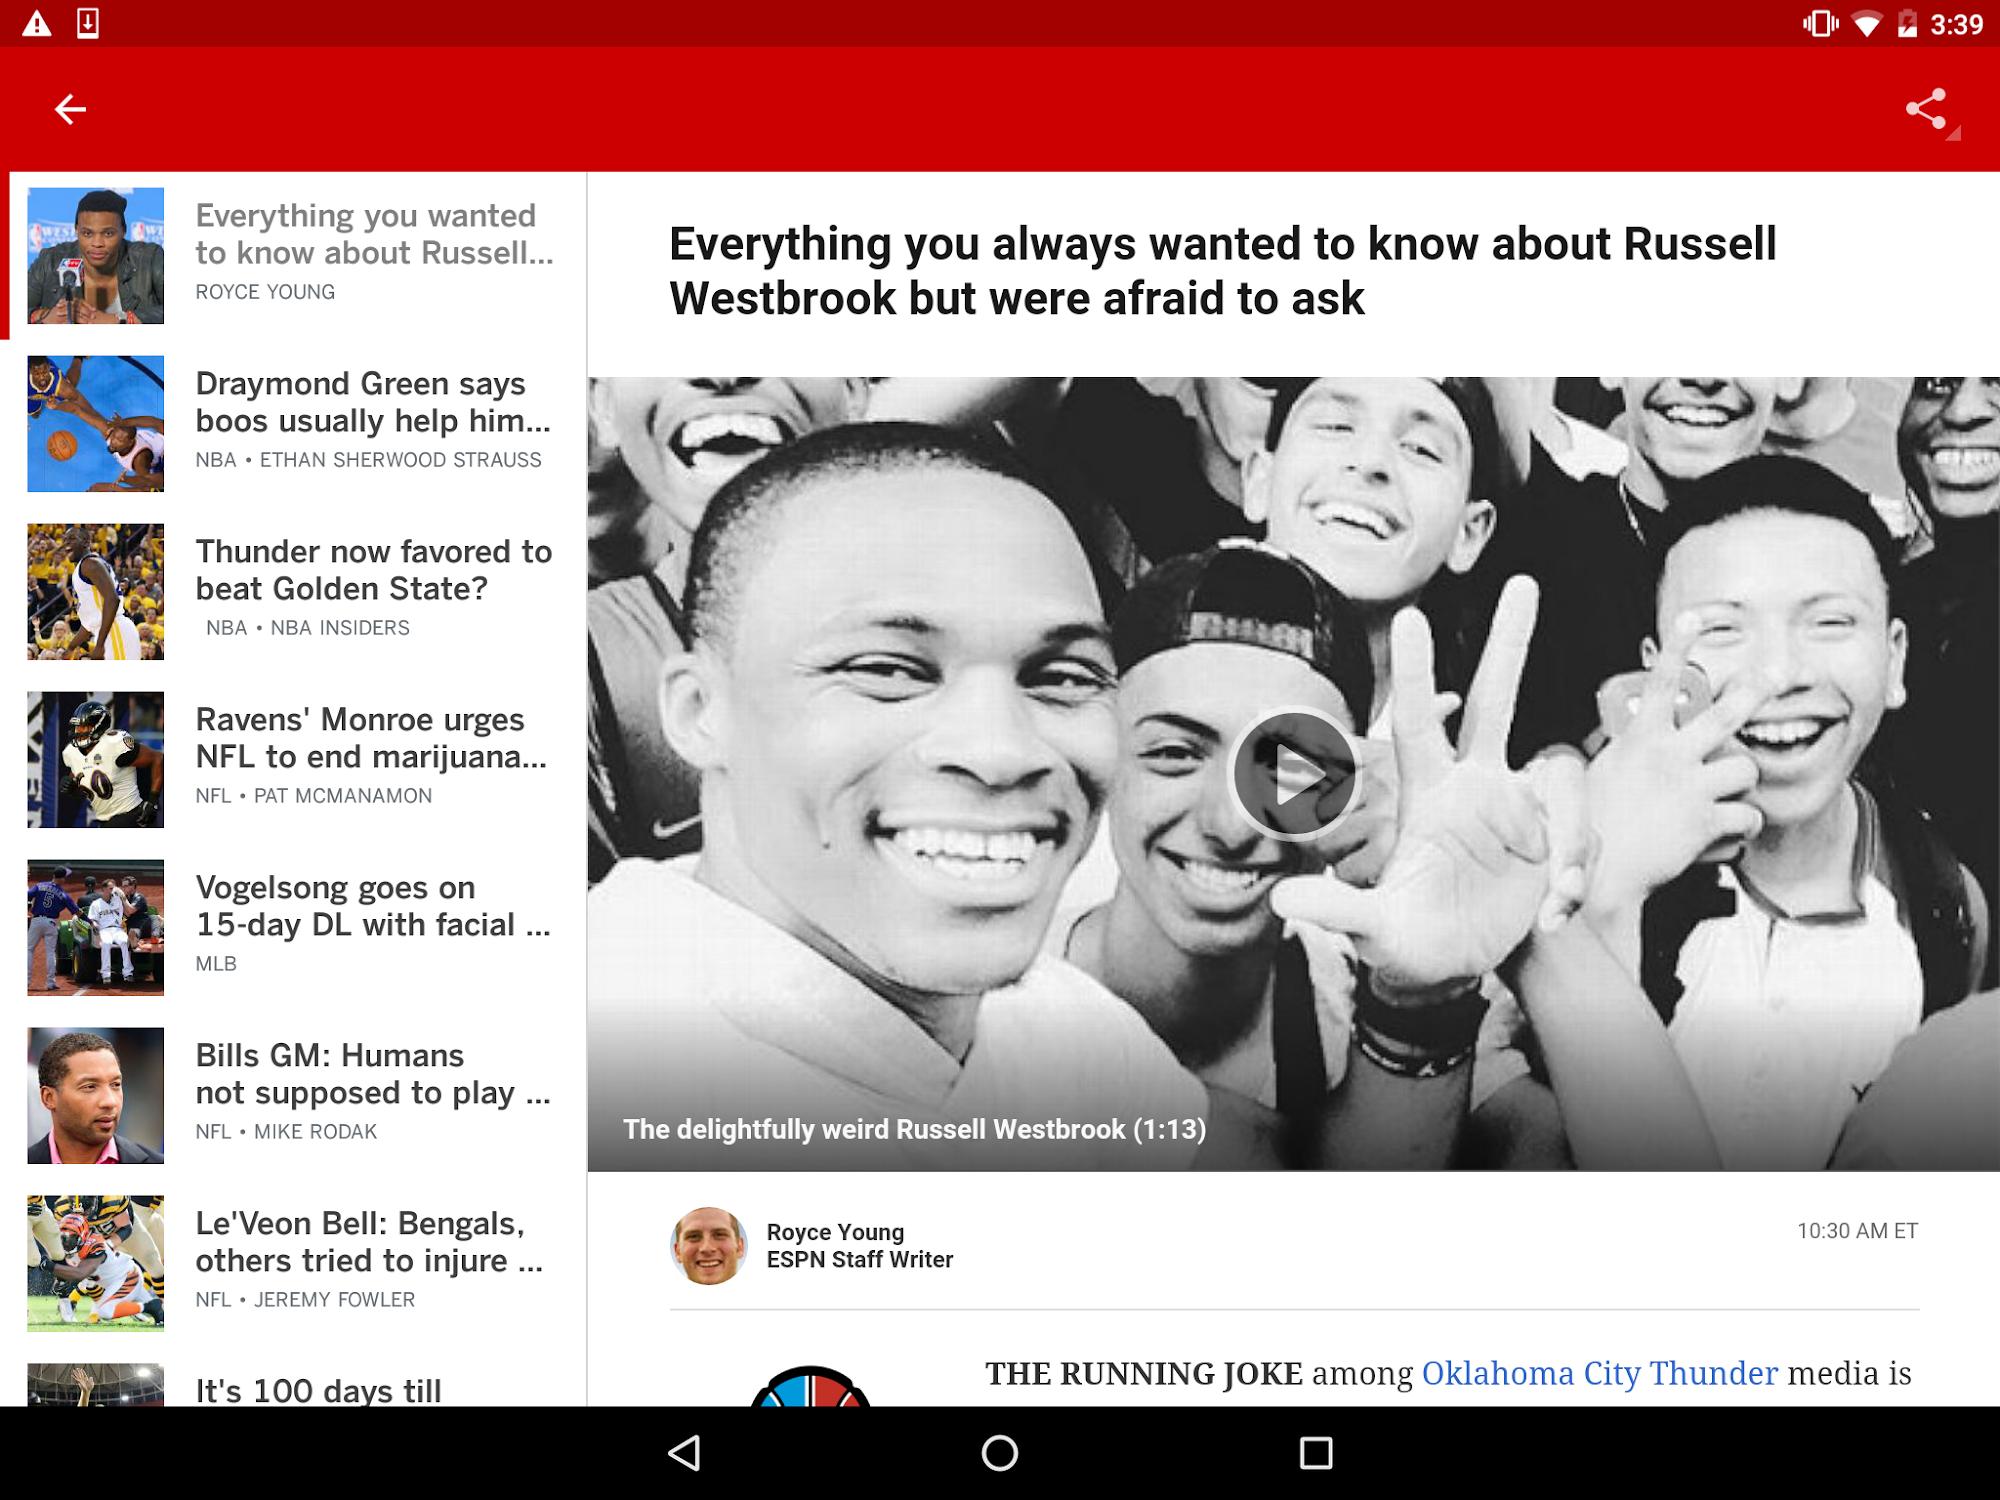 ESPN screenshot #8